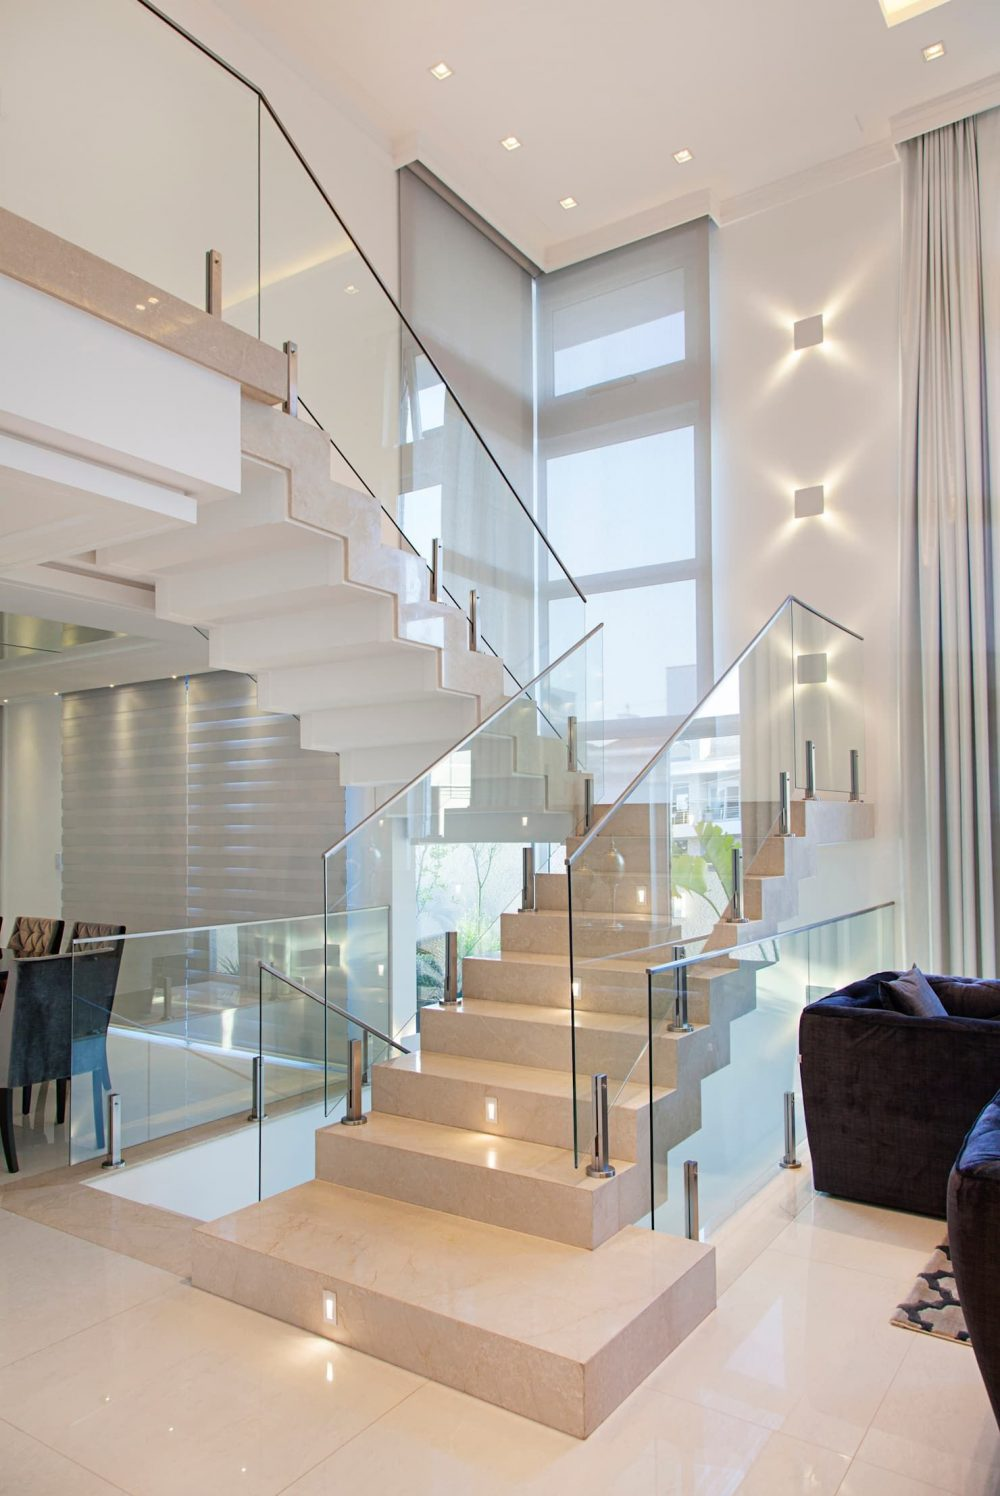 Với ý tưởng thiết kế này, cầu thang sát tường dường như vô hình